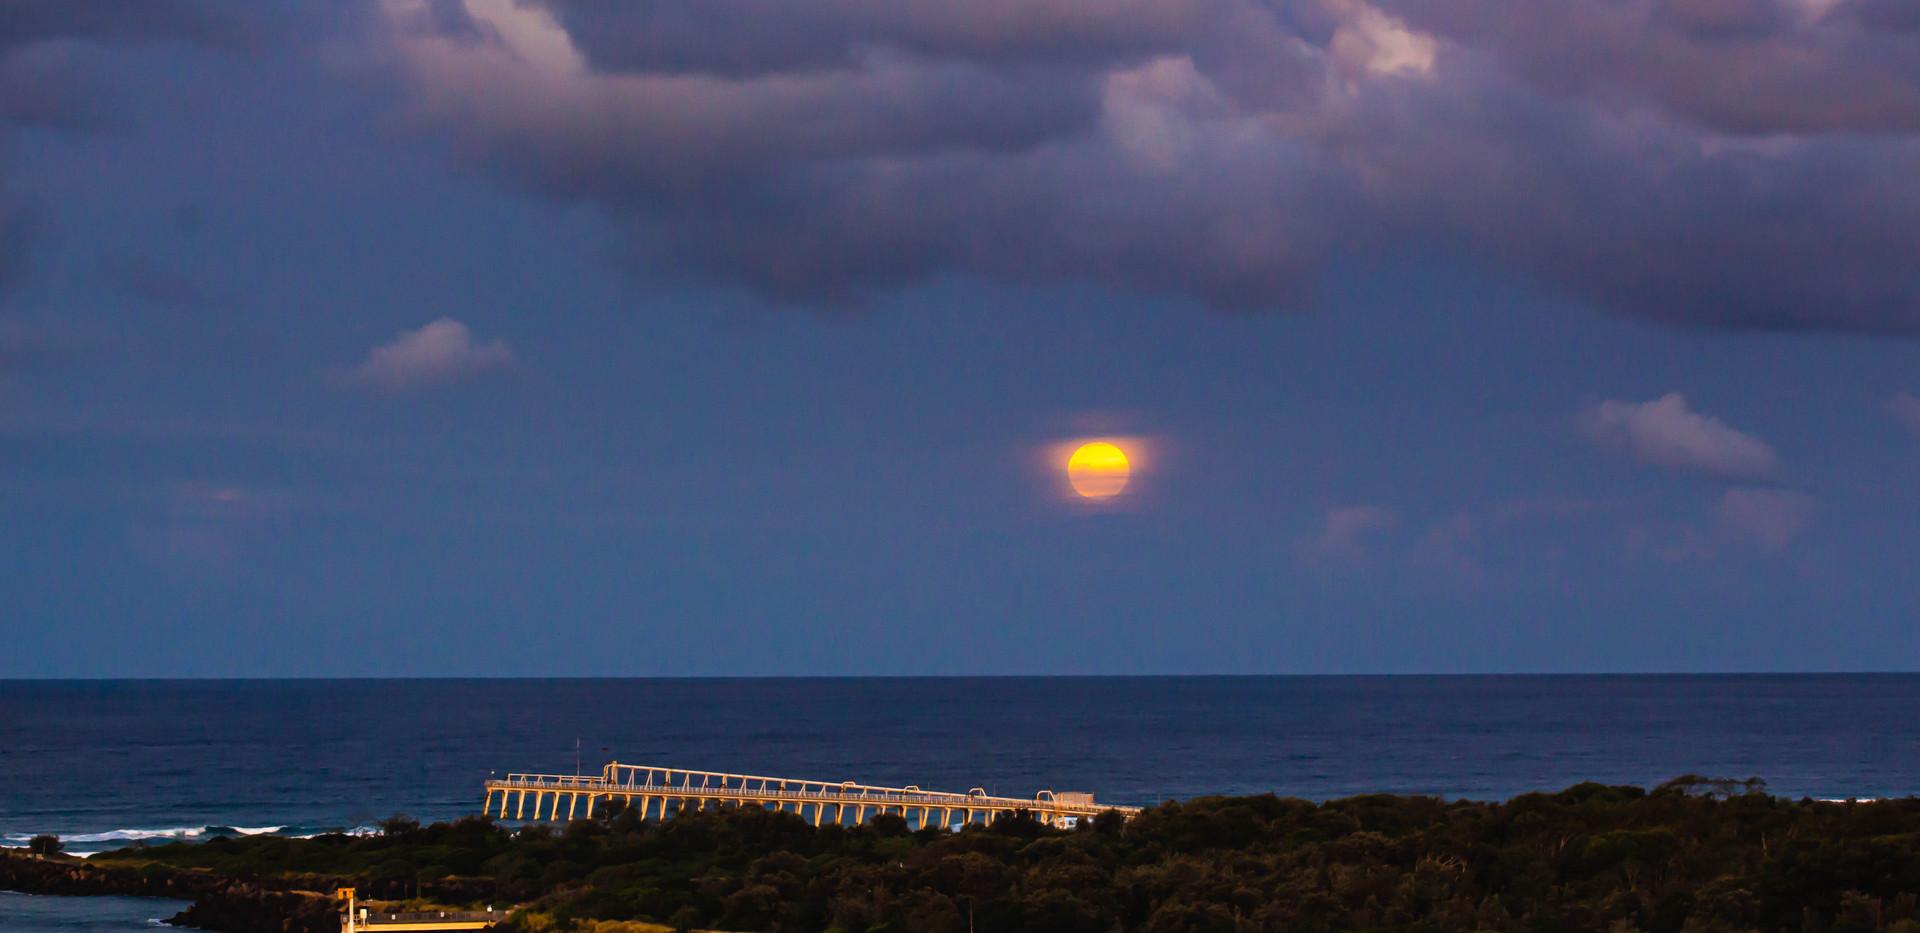 Sunning moon rising